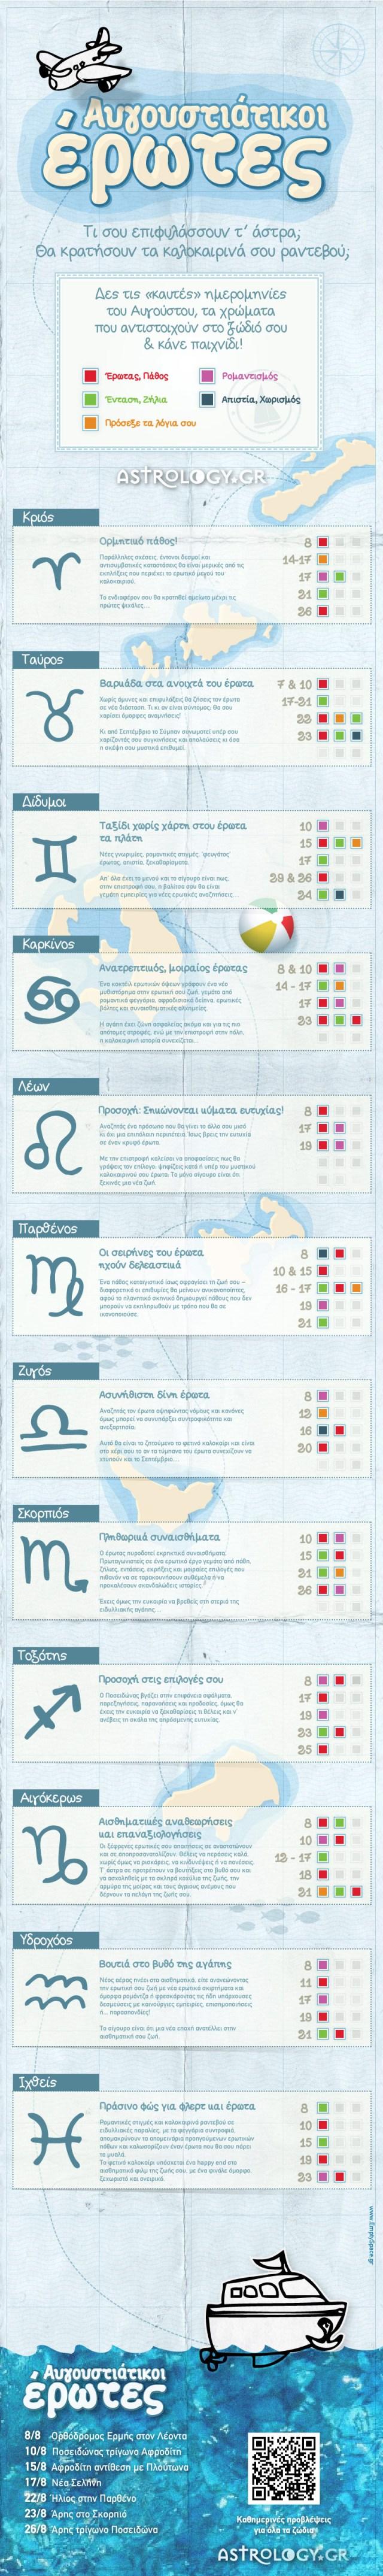 astrologygr_infographic_summer_love